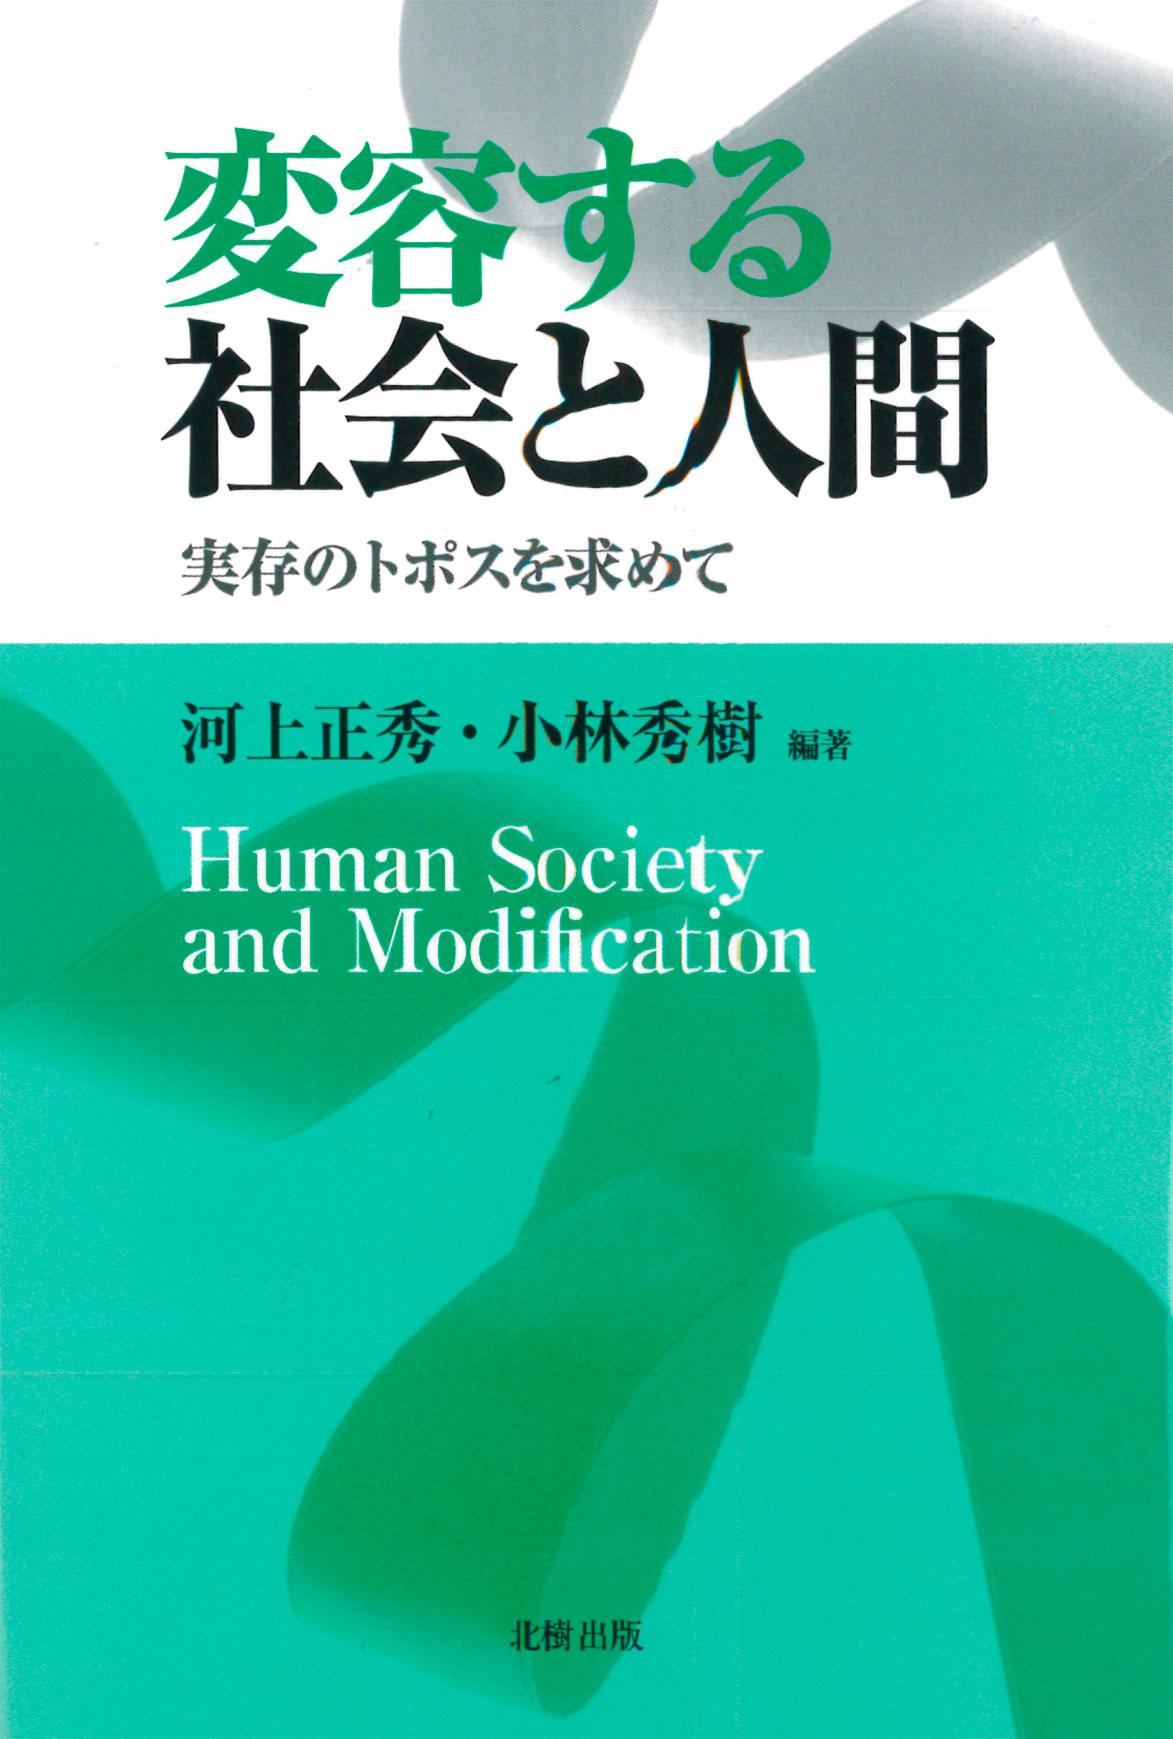 変容する社会と人間